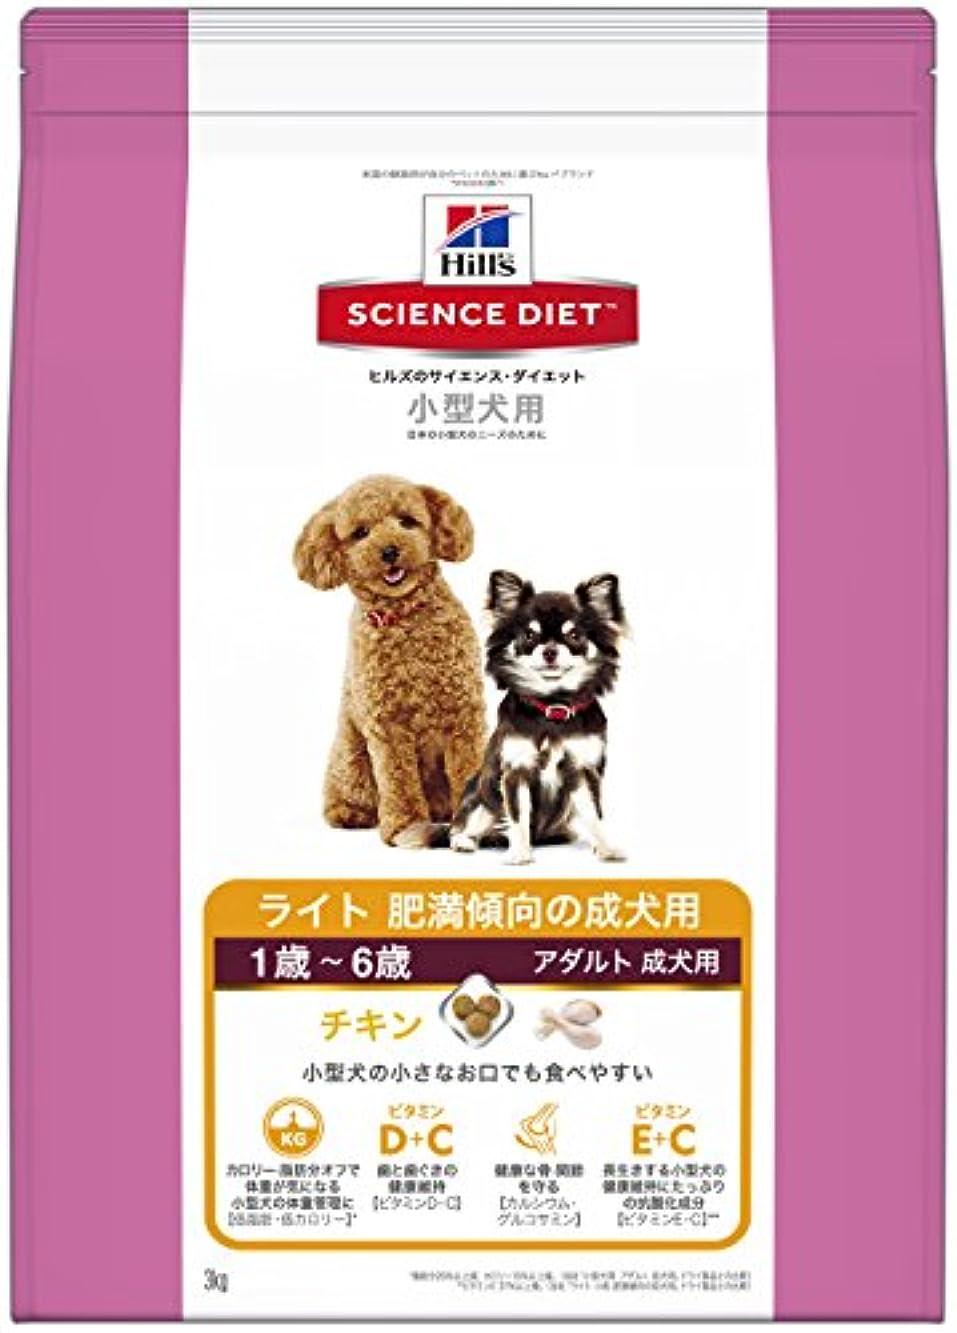 ビール肥料実行するヒルズのサイエンス?ダイエット ドッグフード ライト 肥満傾向の成犬用 体重管理 チキン 小型犬用 3kg